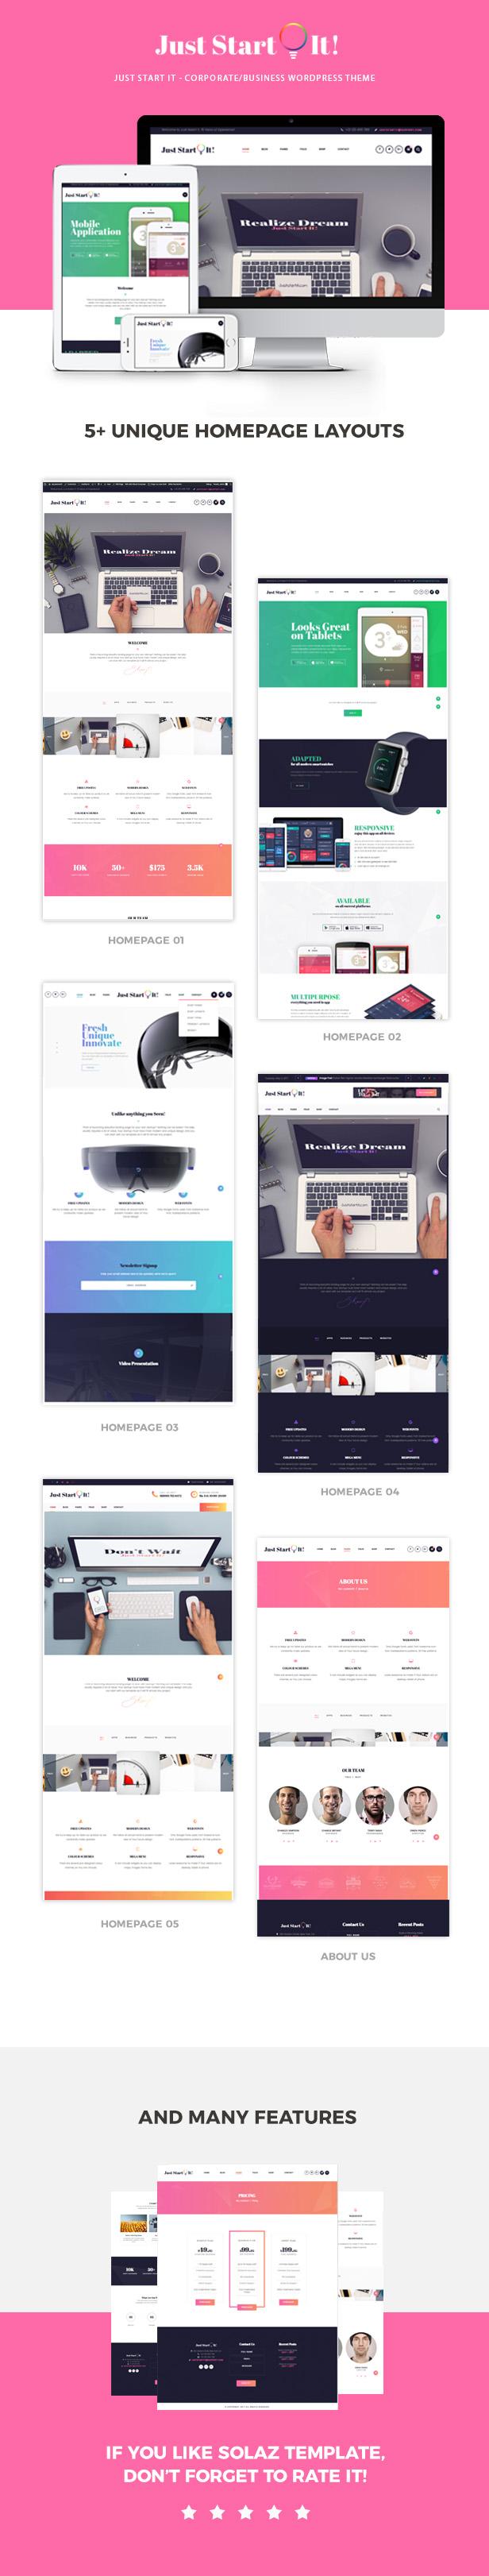 Just Start It - Best WordPress Theme 2019